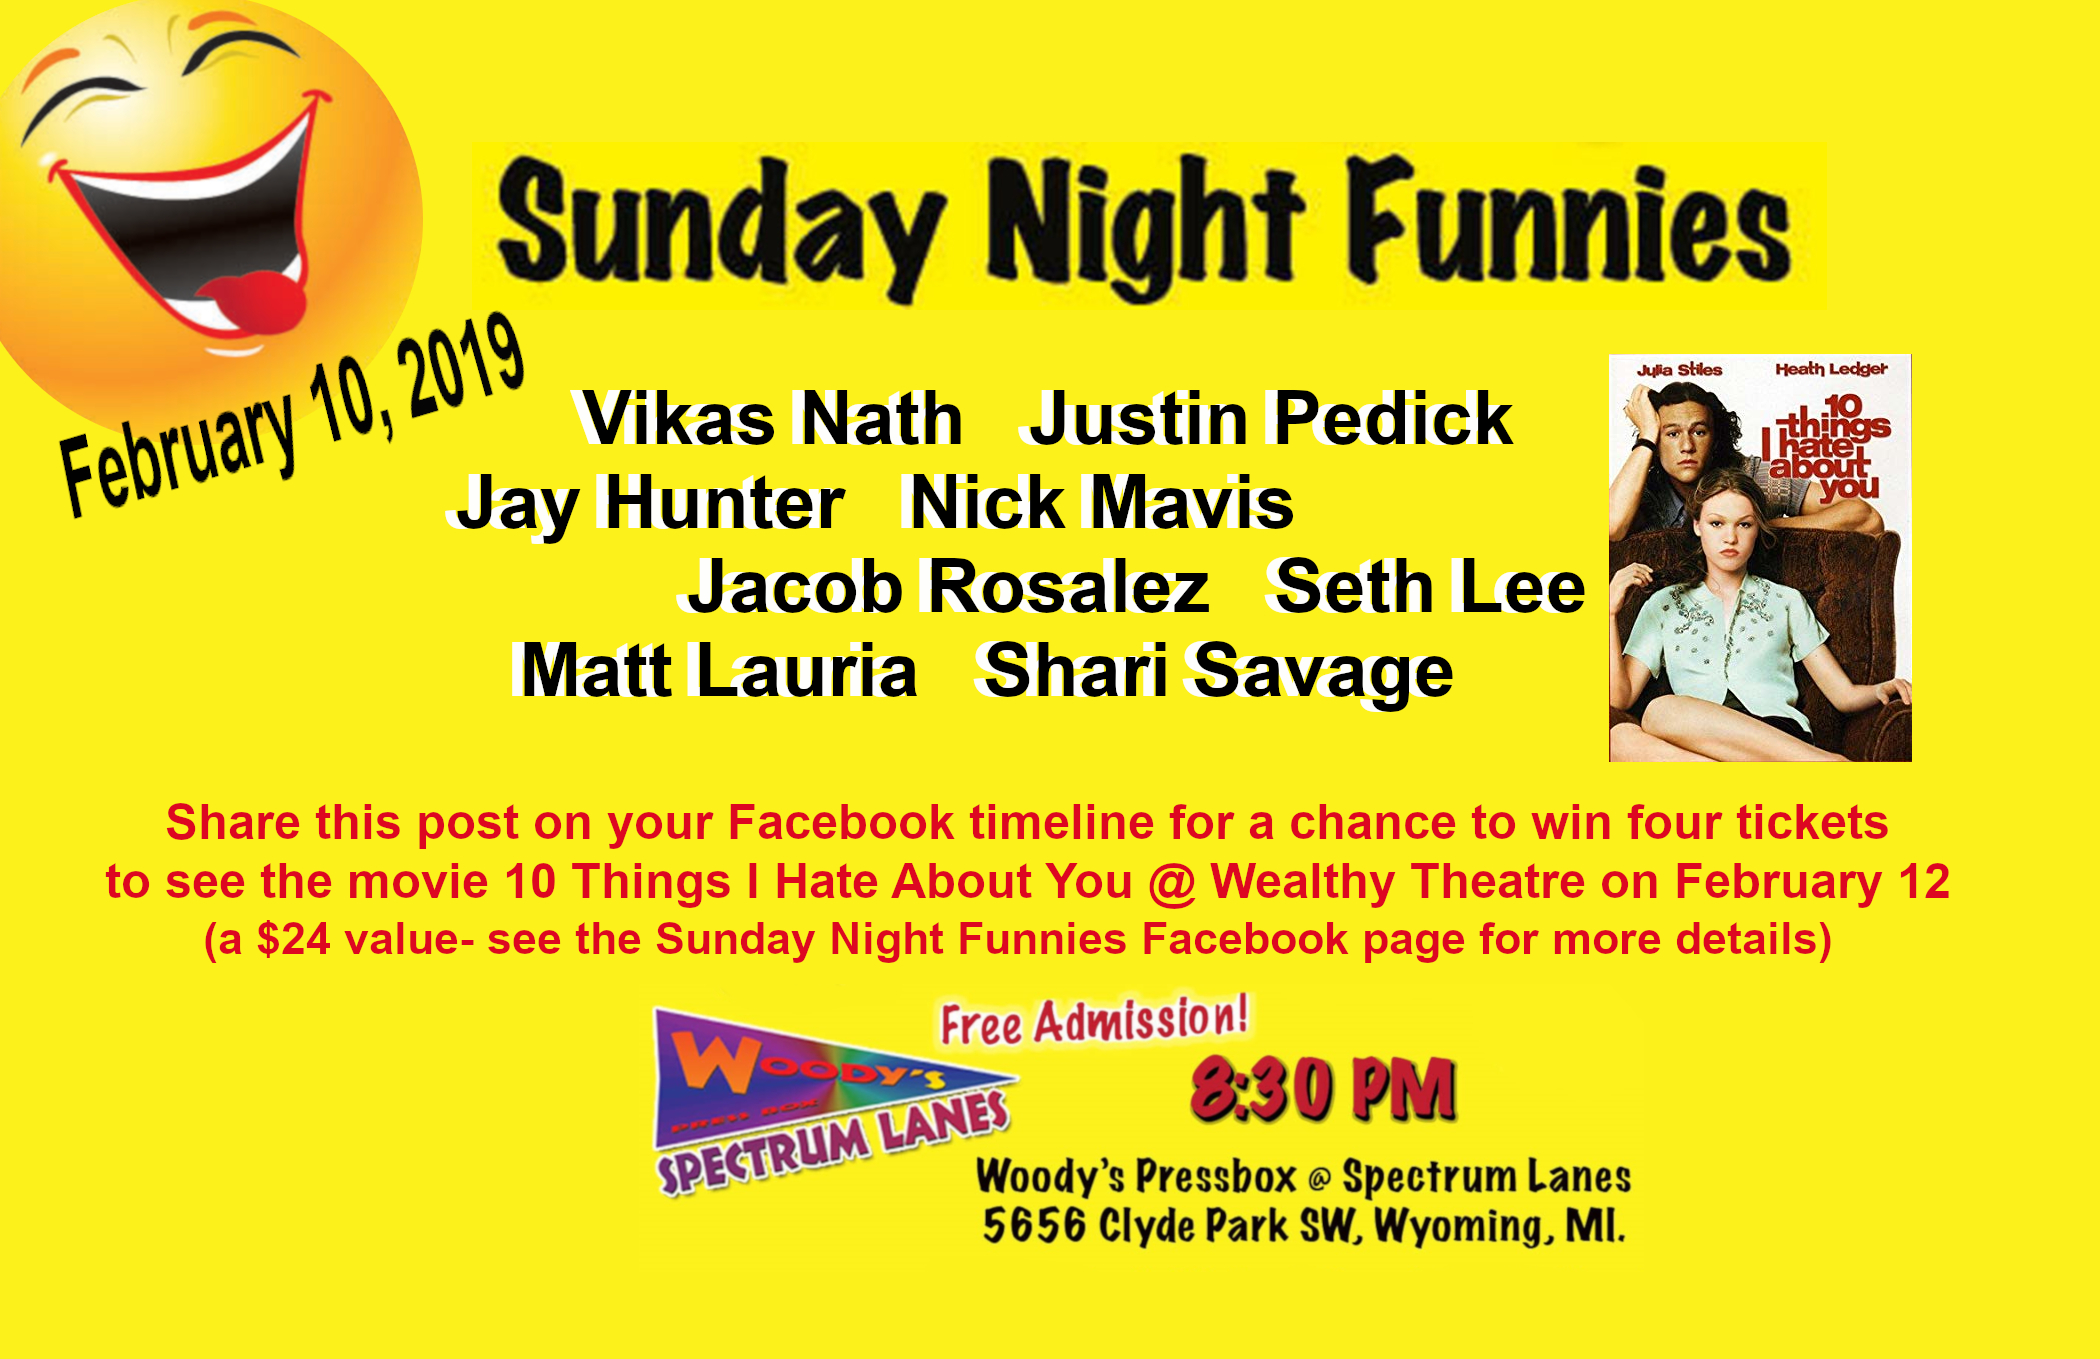 Sunday Night Funnies